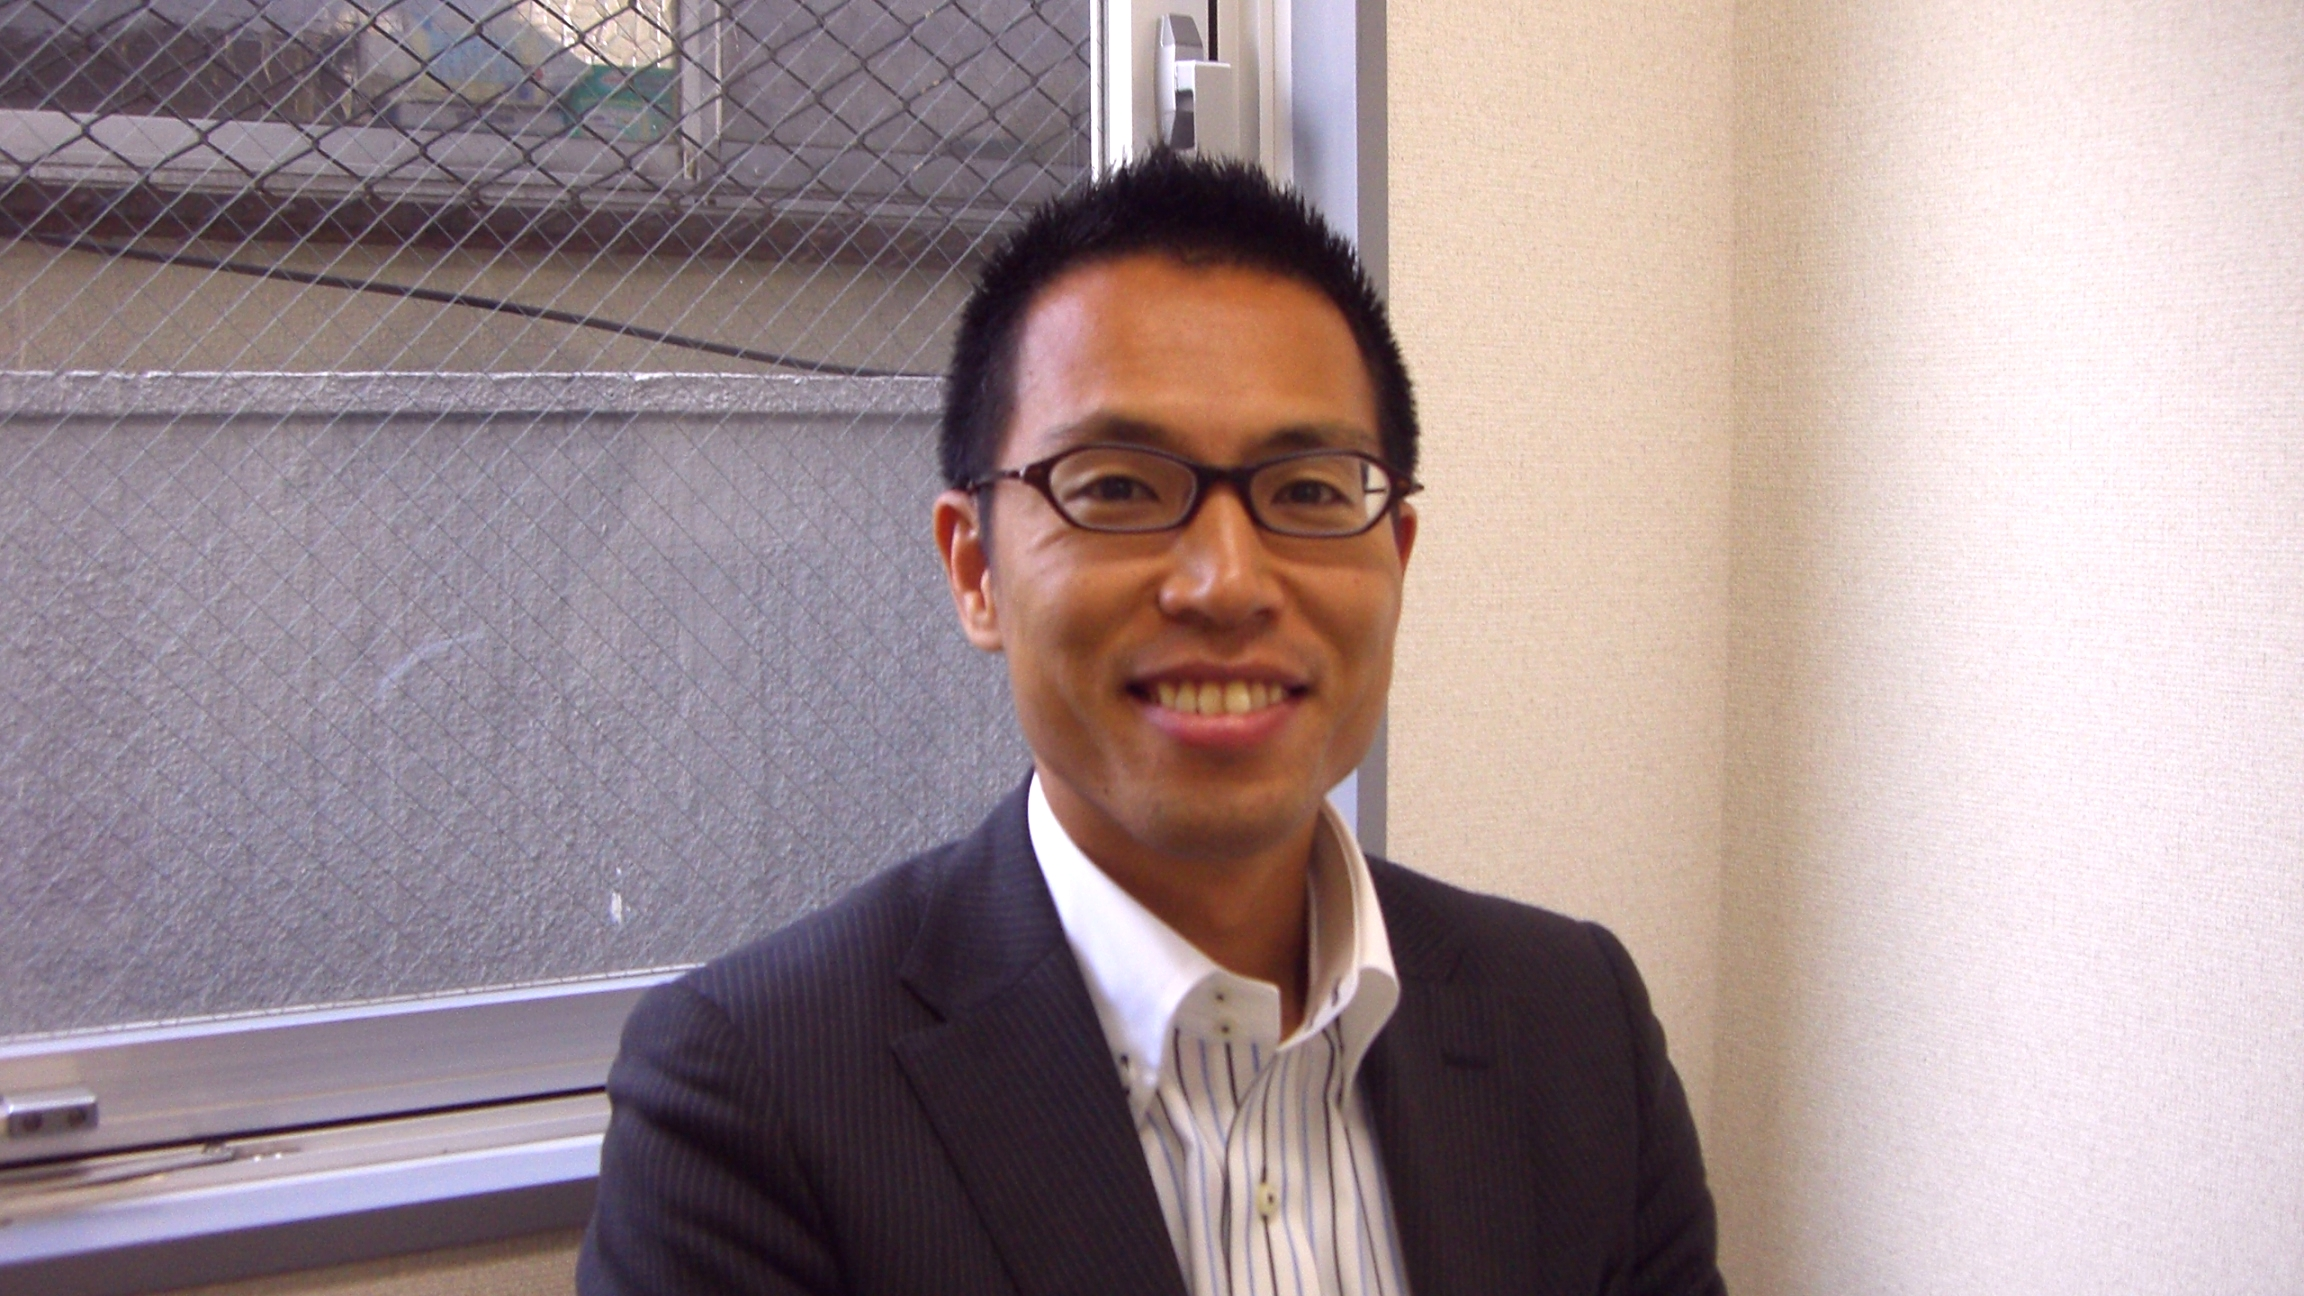 【対談音声】第3回は起業家インタビュー・(株)ピグマ太田社長